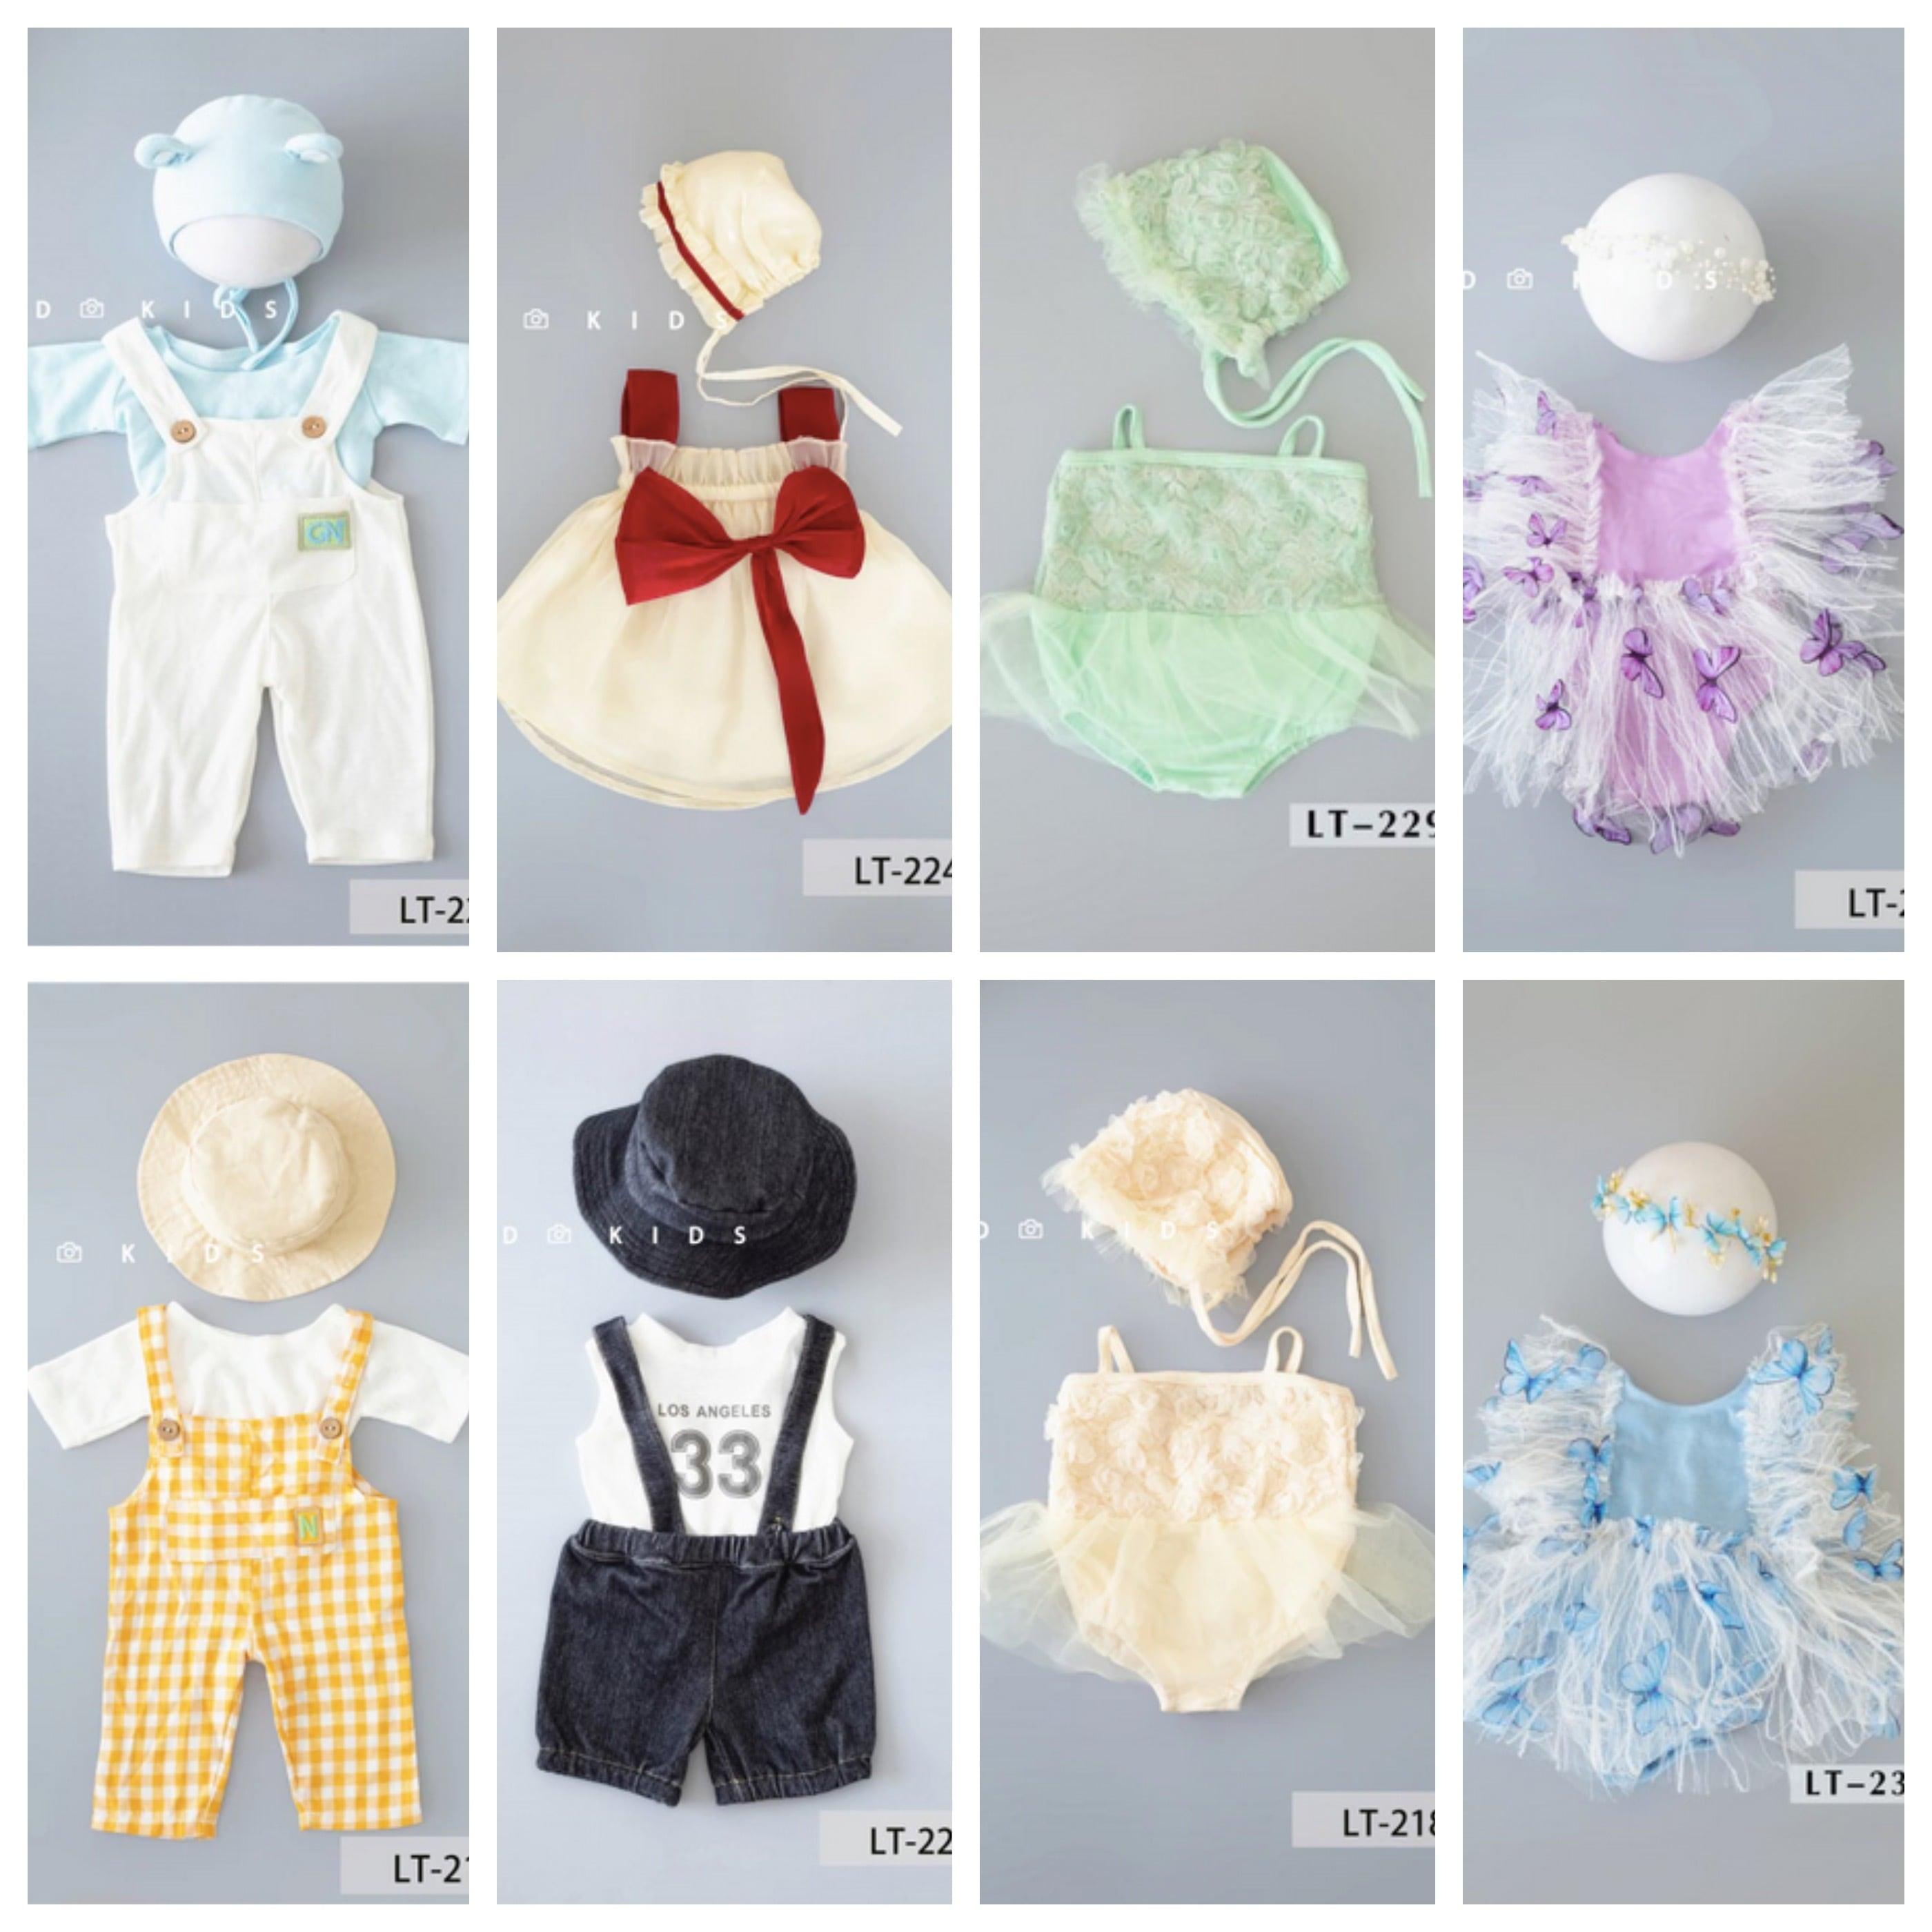 ニューボーンフォトサマー衣装8種